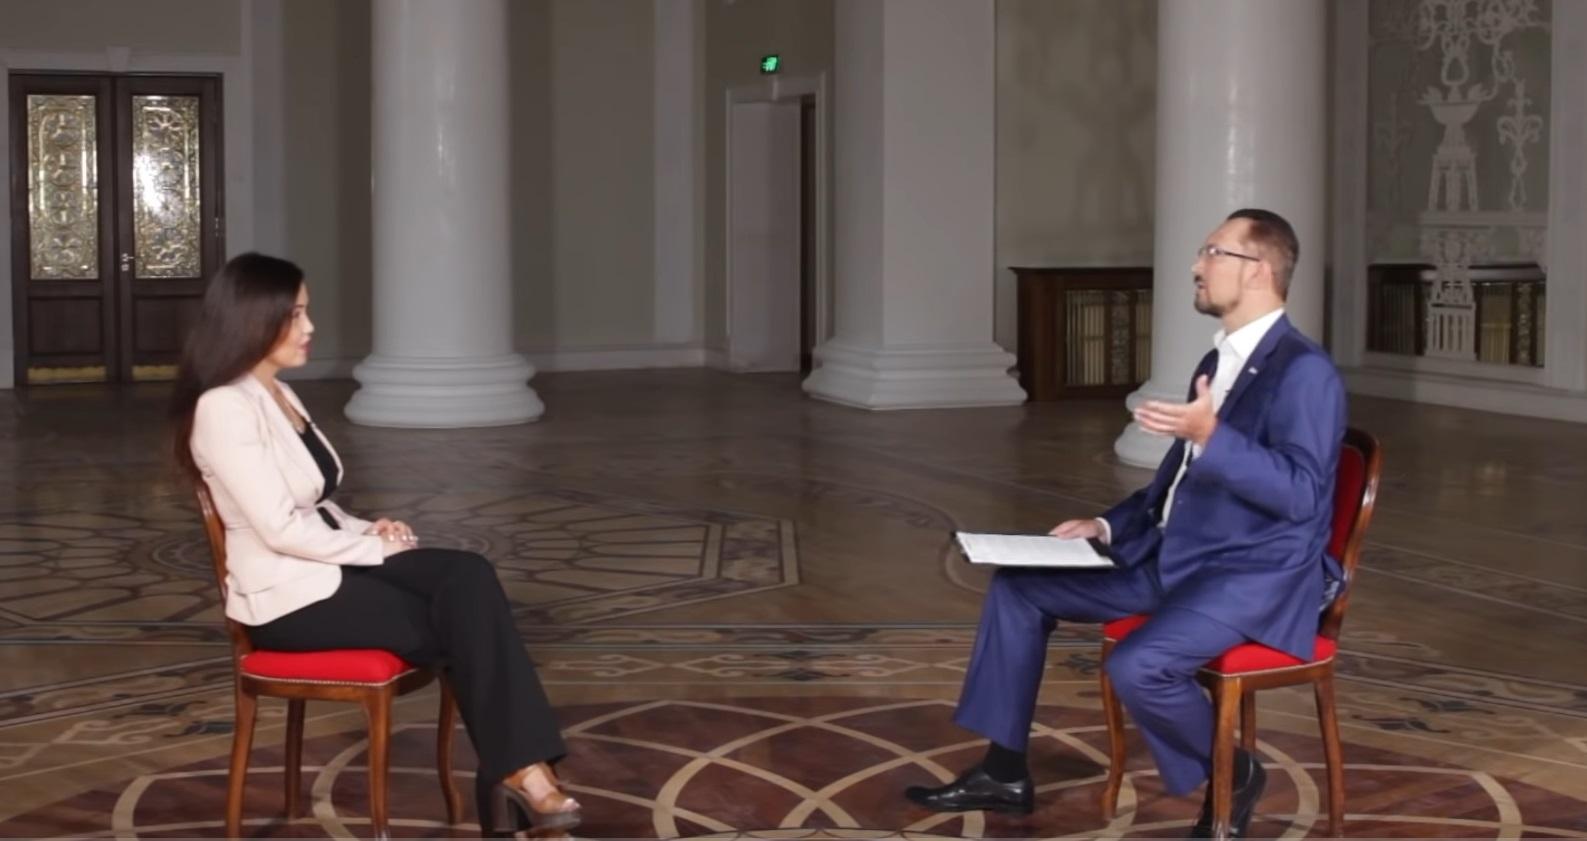 Гульнора Гатина о премьере «Сююмбике»: будет другой образ, другая история